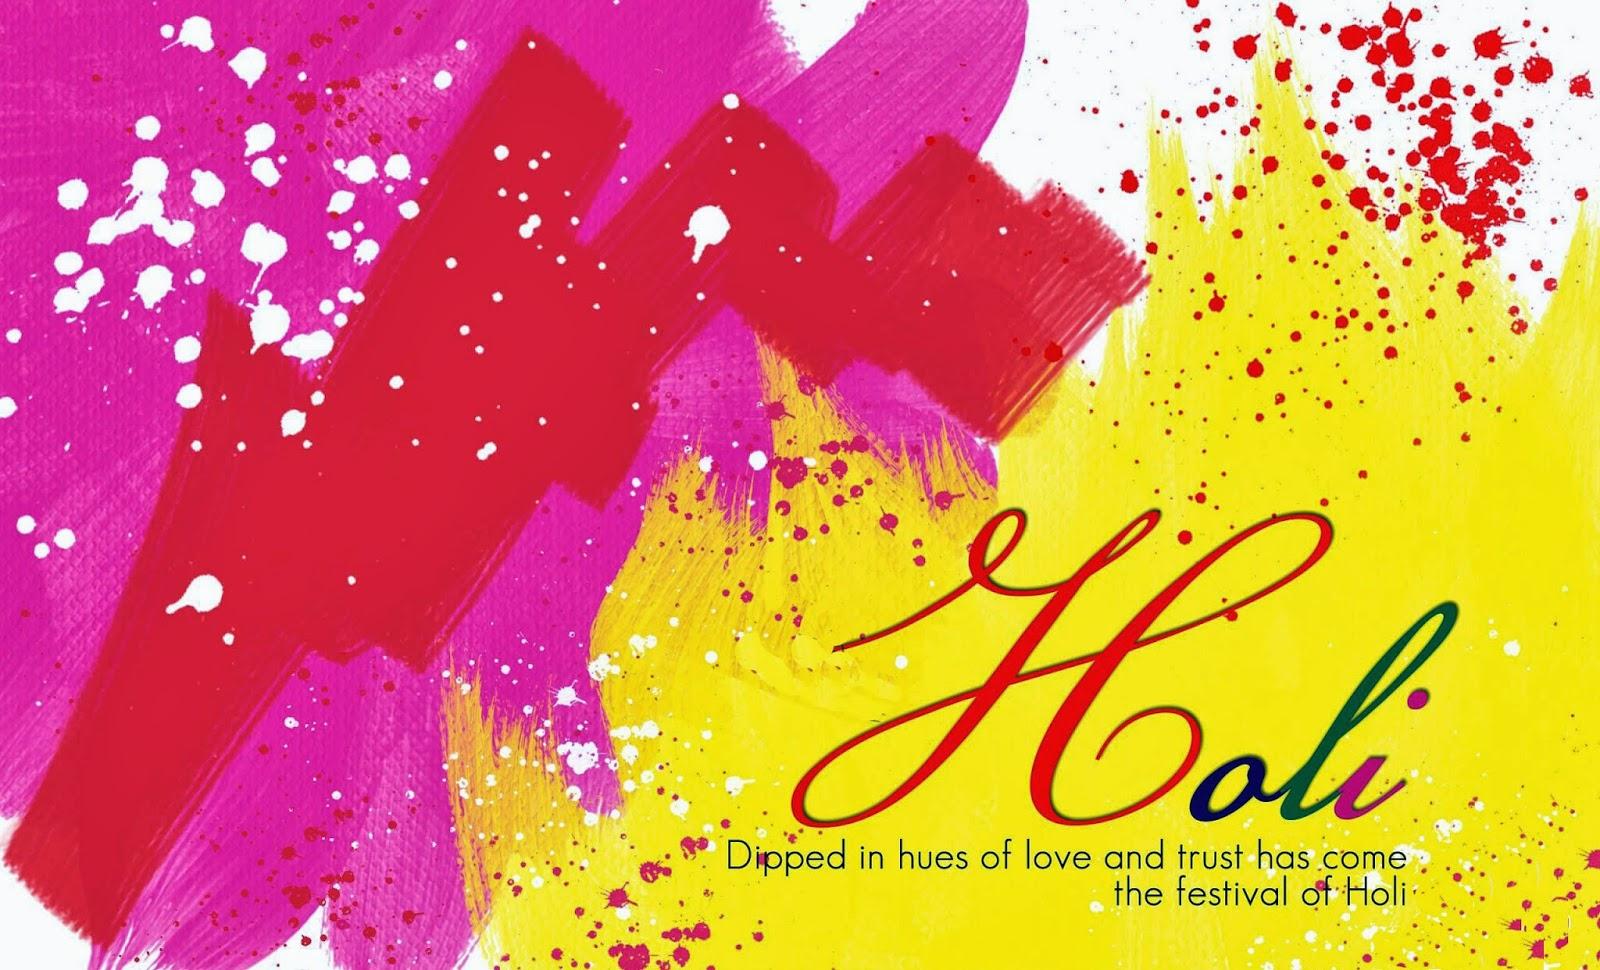 Holi-2014-hd-images